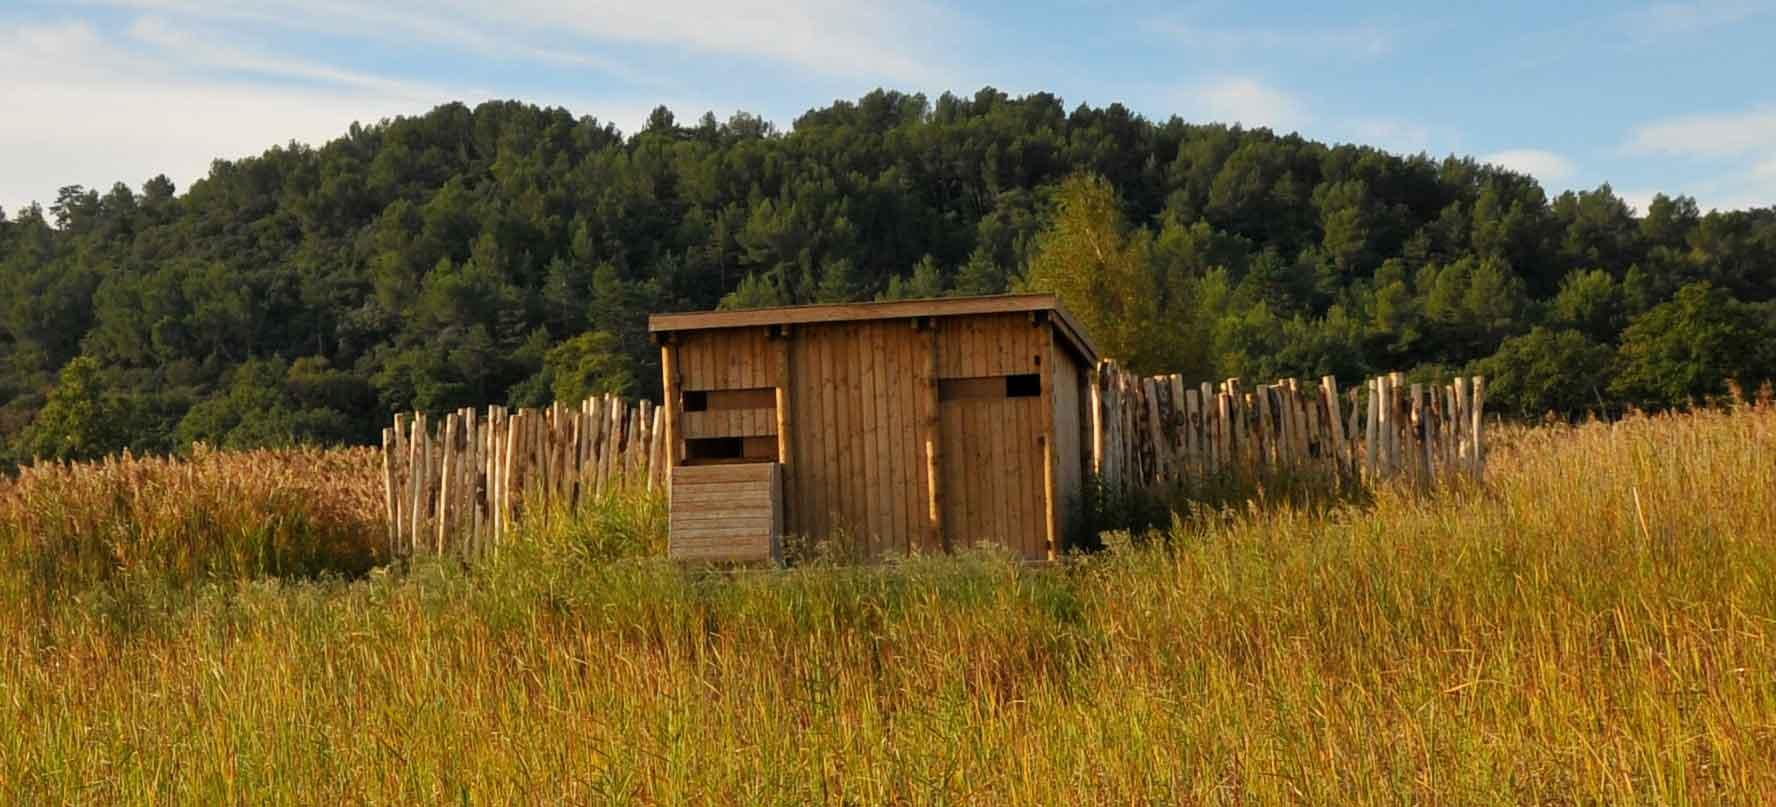 Observatoire en bois dans parc naturel